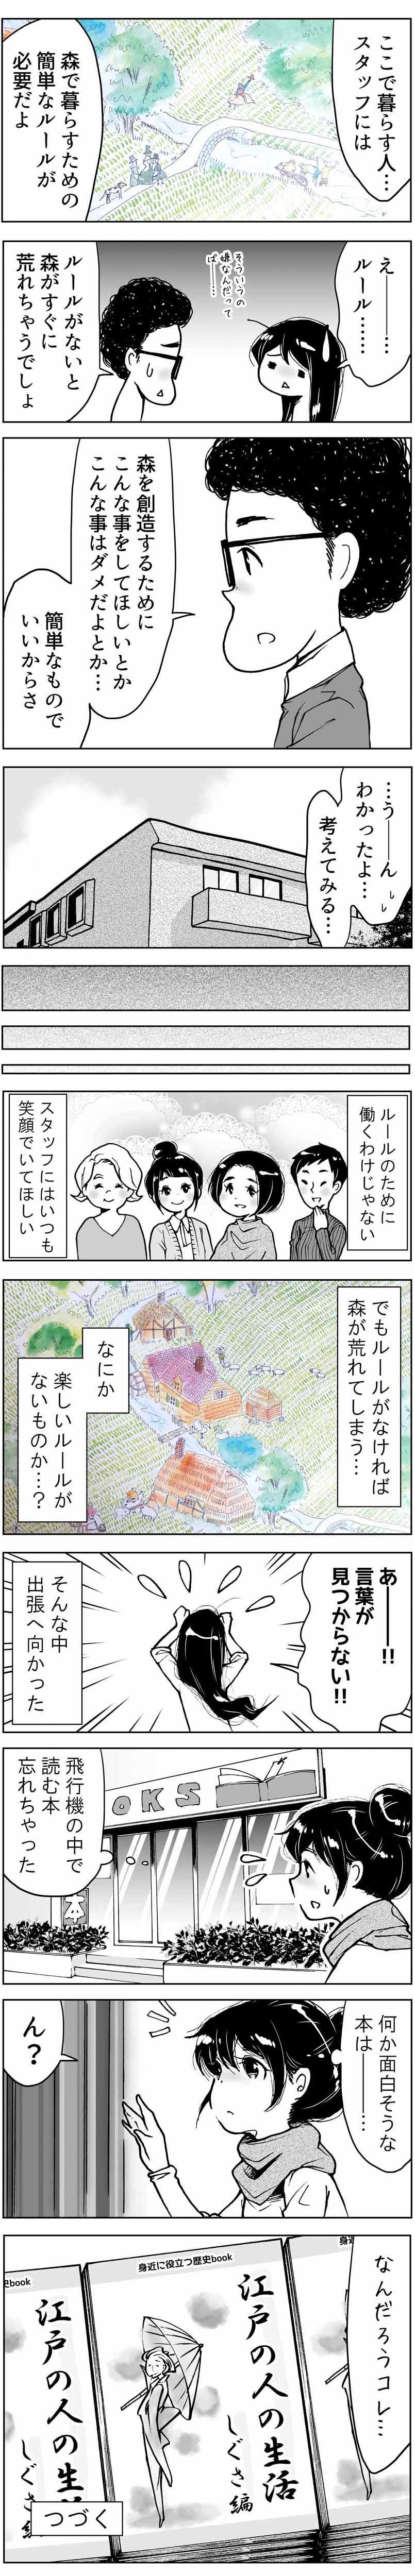 22-3.jpg